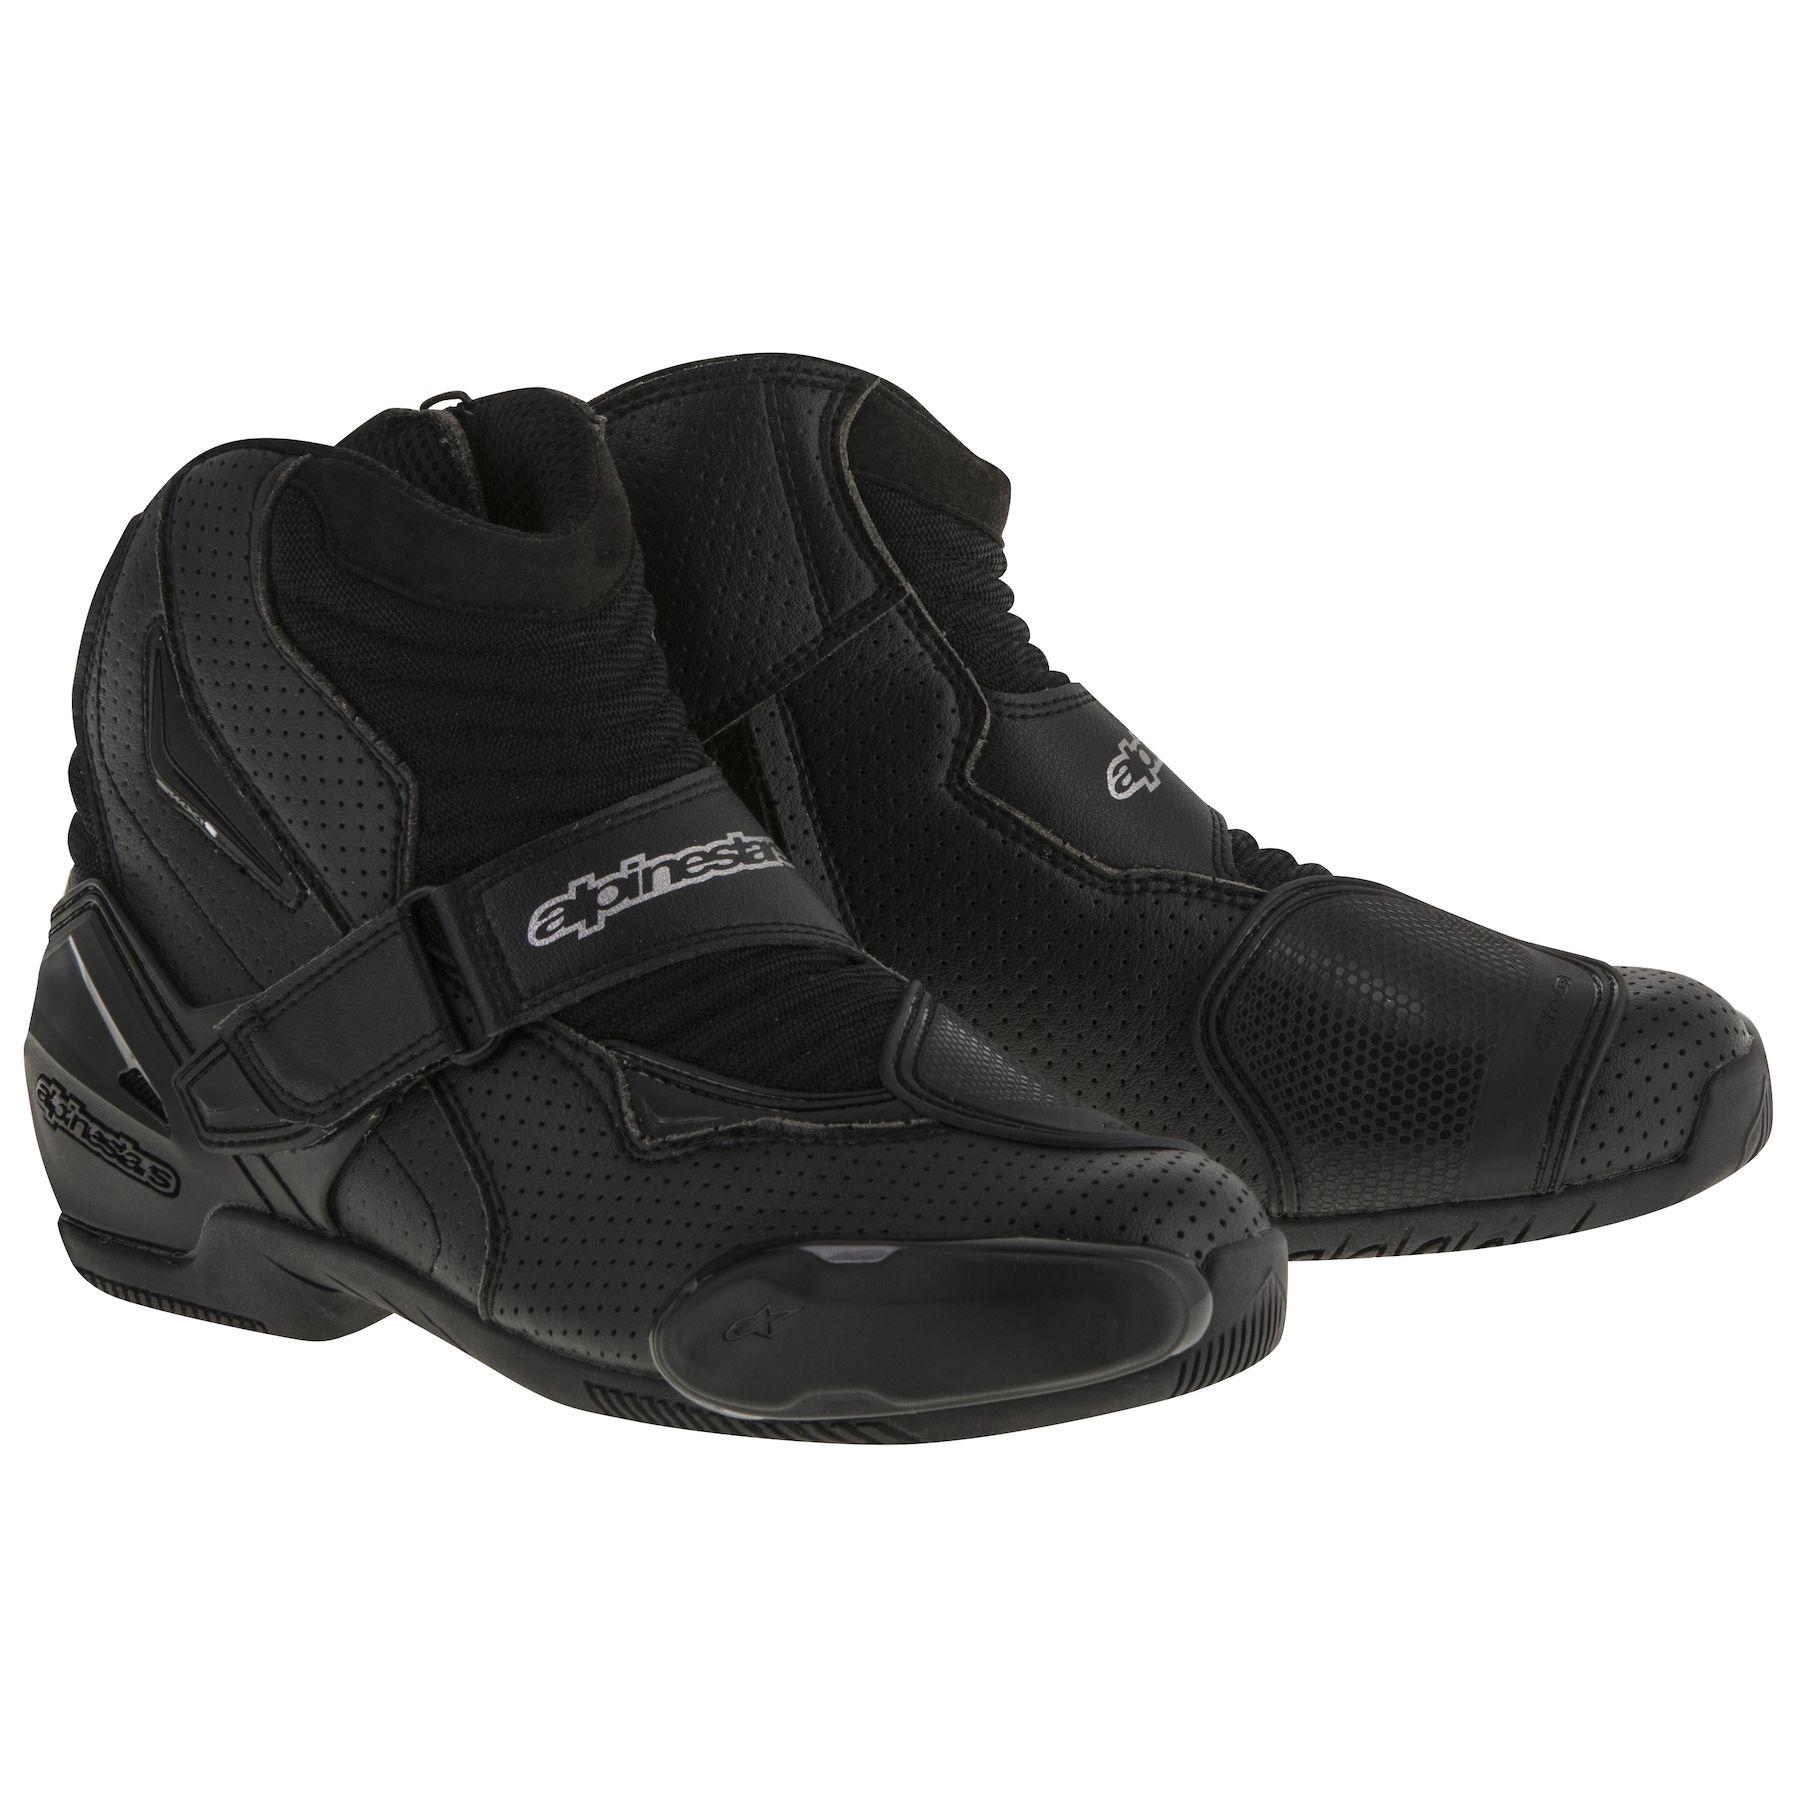 Topánky SMX-1 R , ALPINESTARS (čierne)